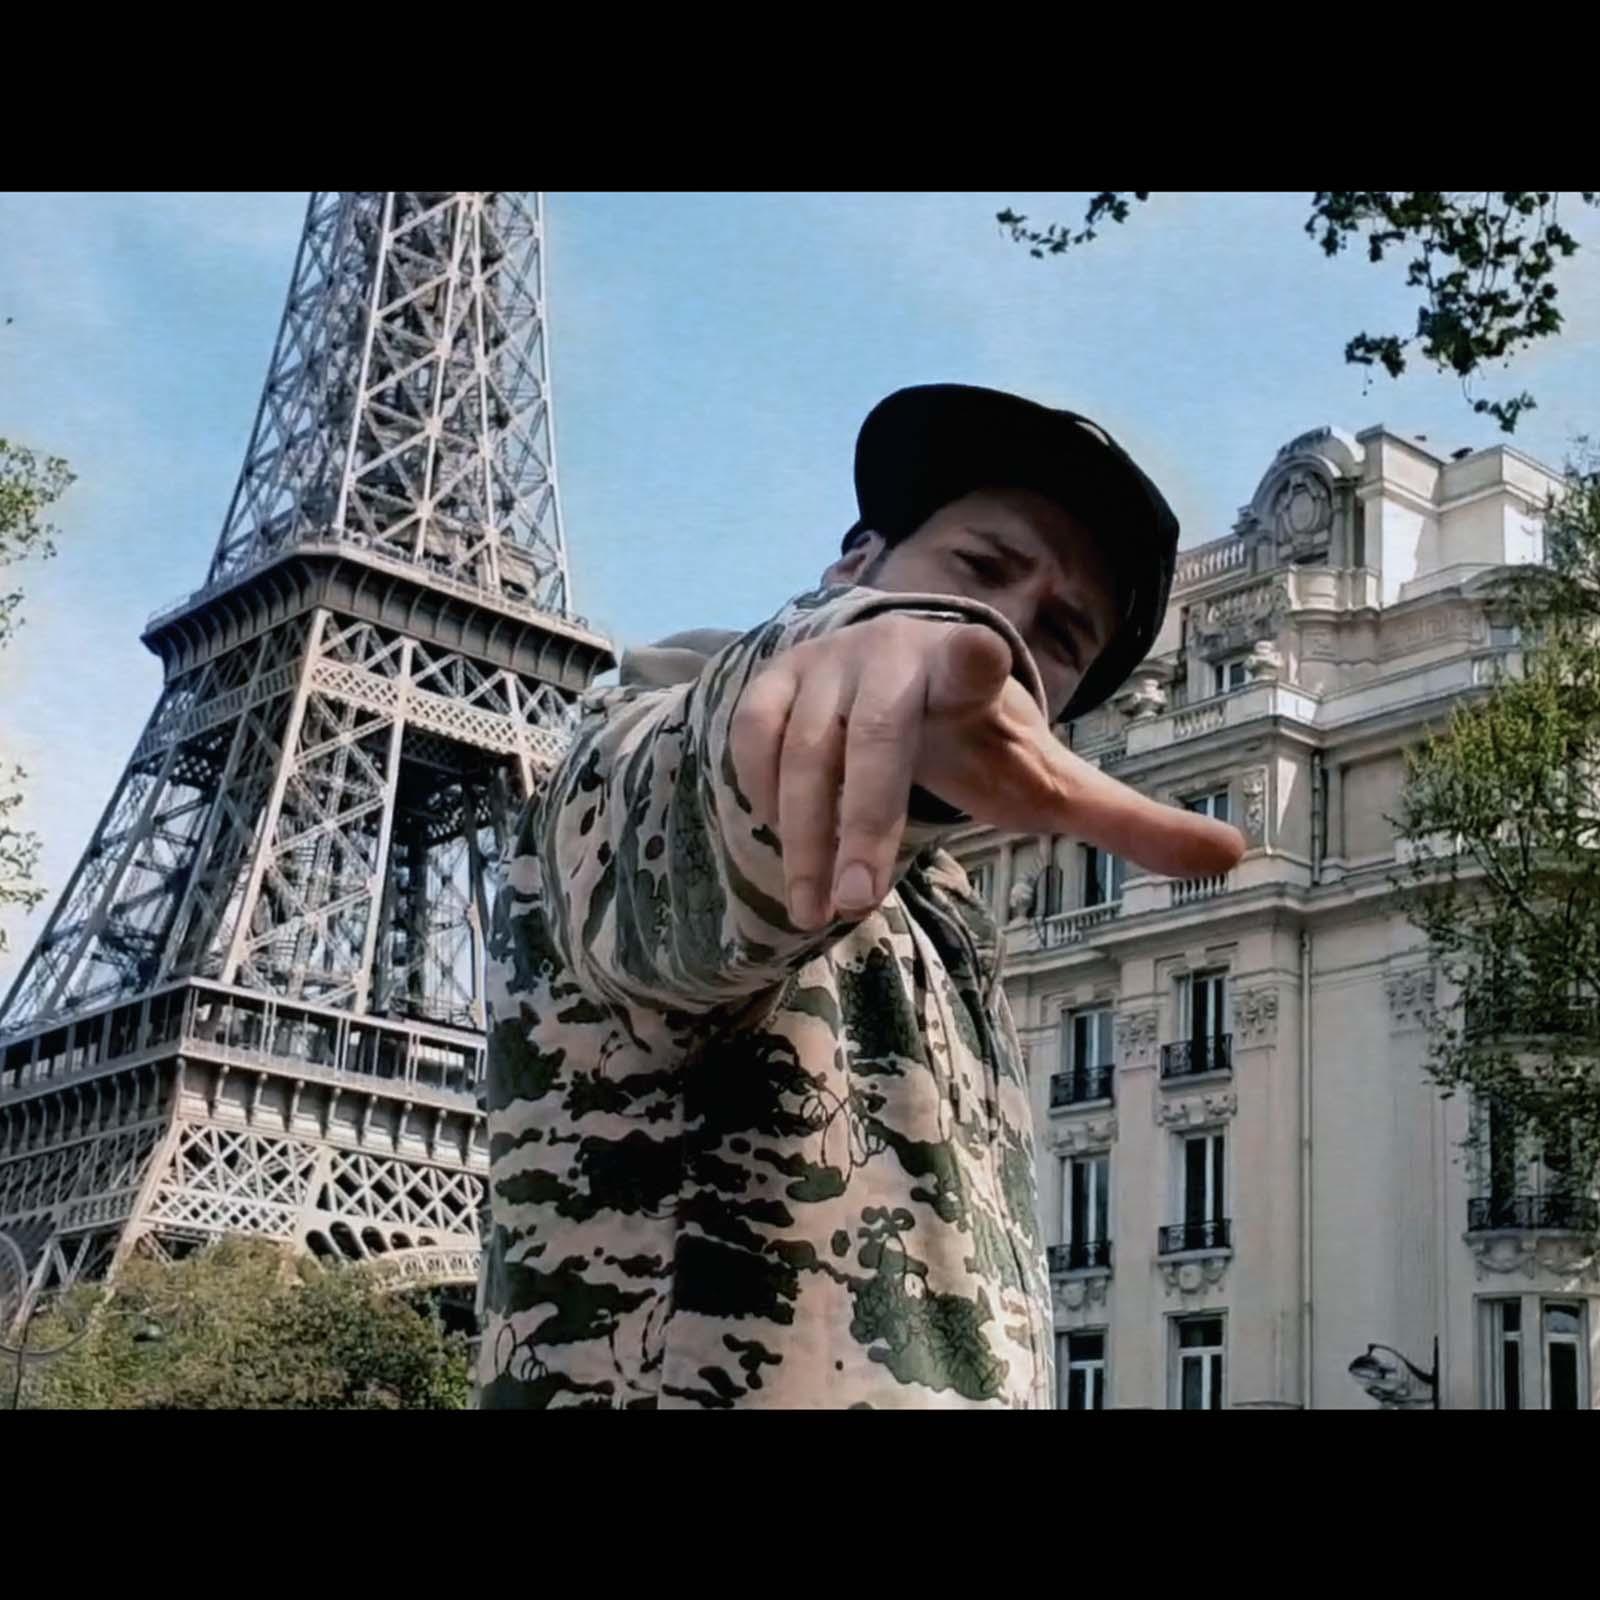 Upcoming: BurnArt - Jahoodis In Paris